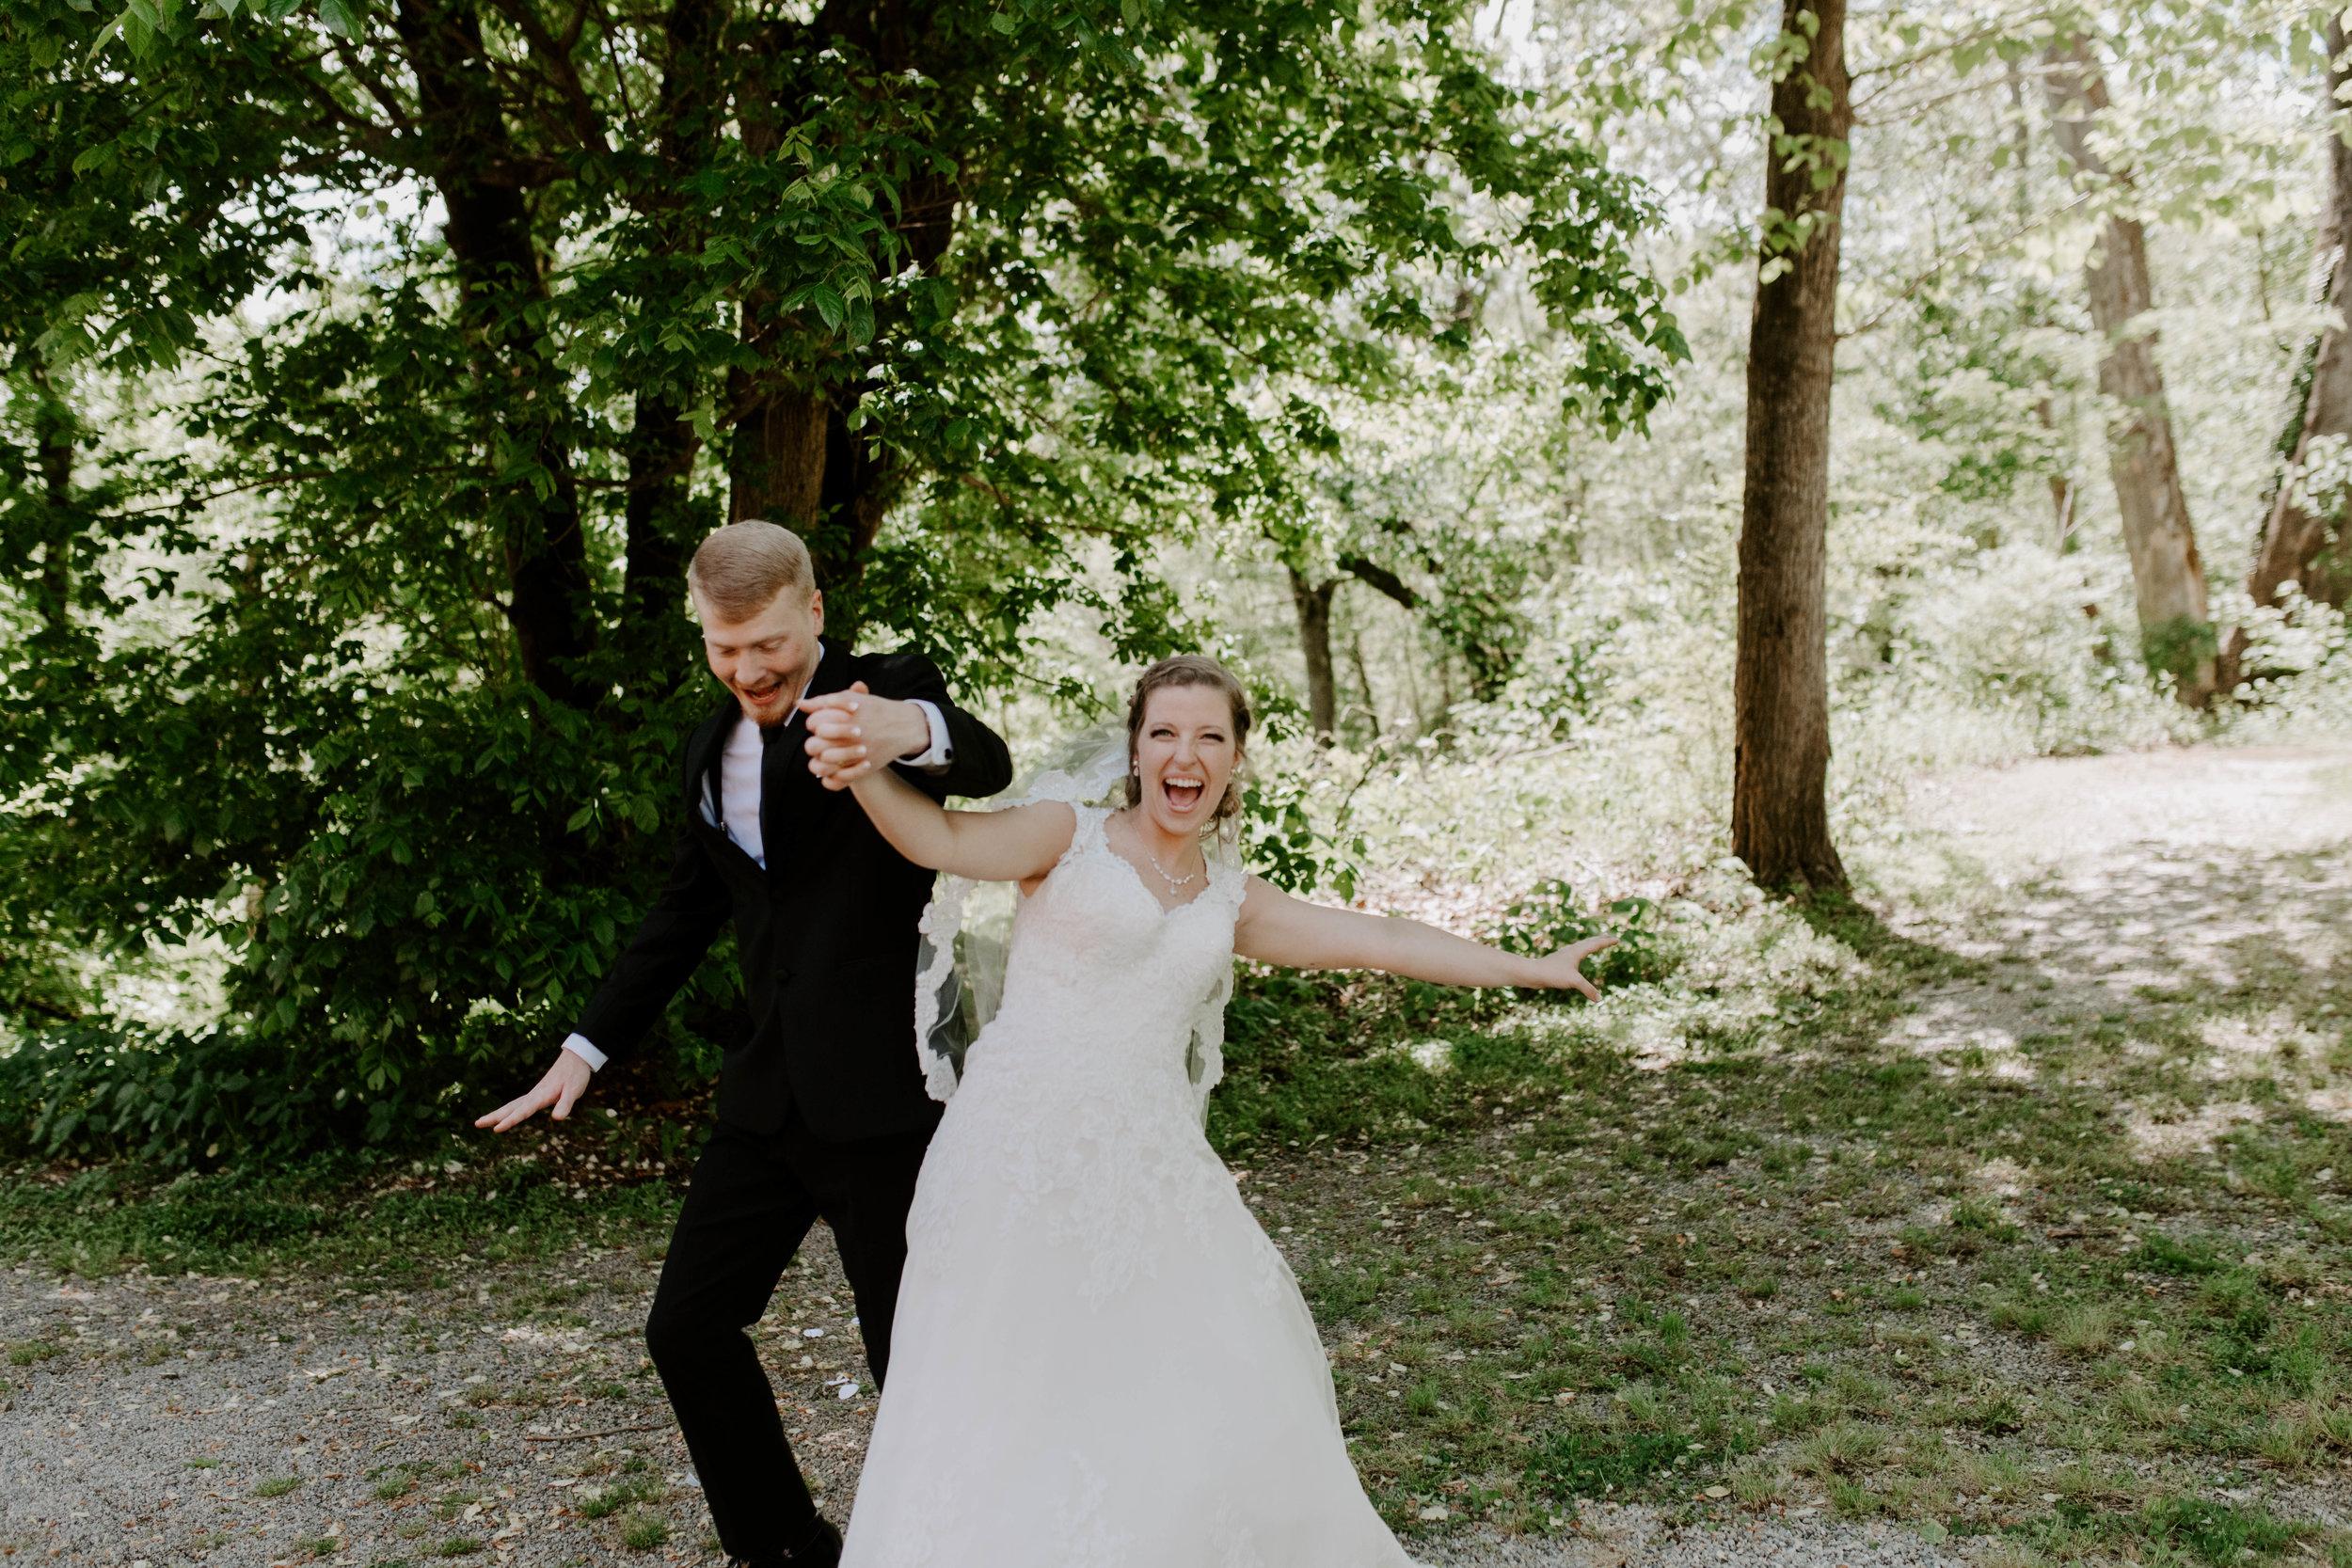 roberts bride & groom-59.jpg